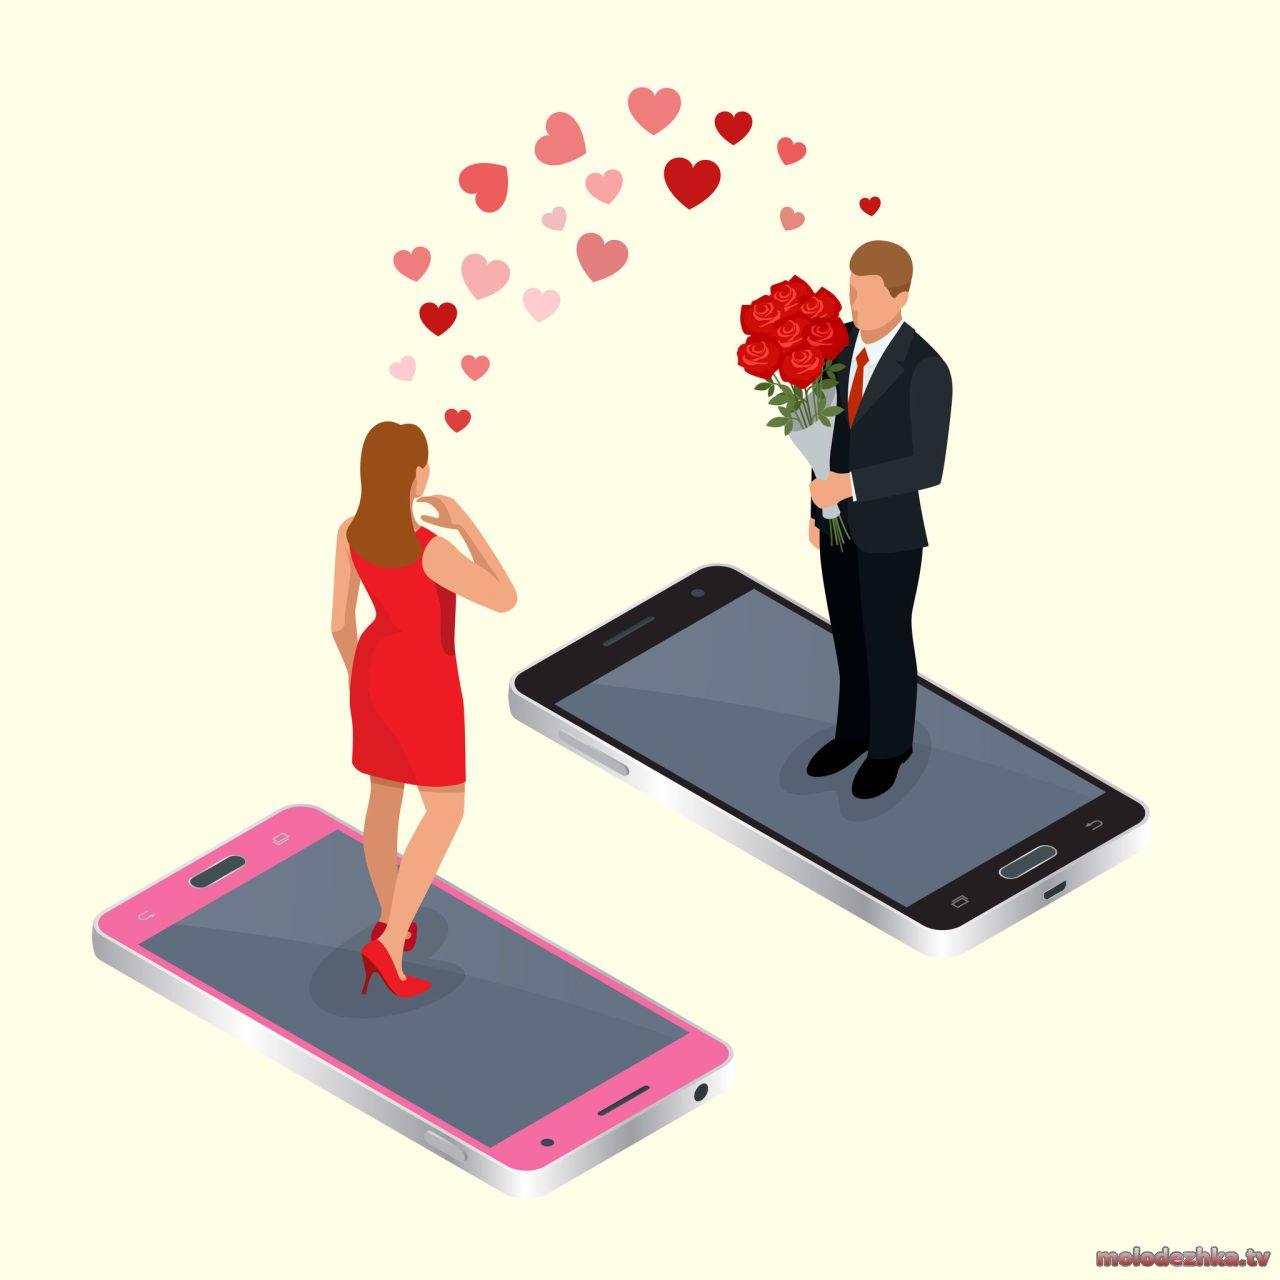 stranica za dating online